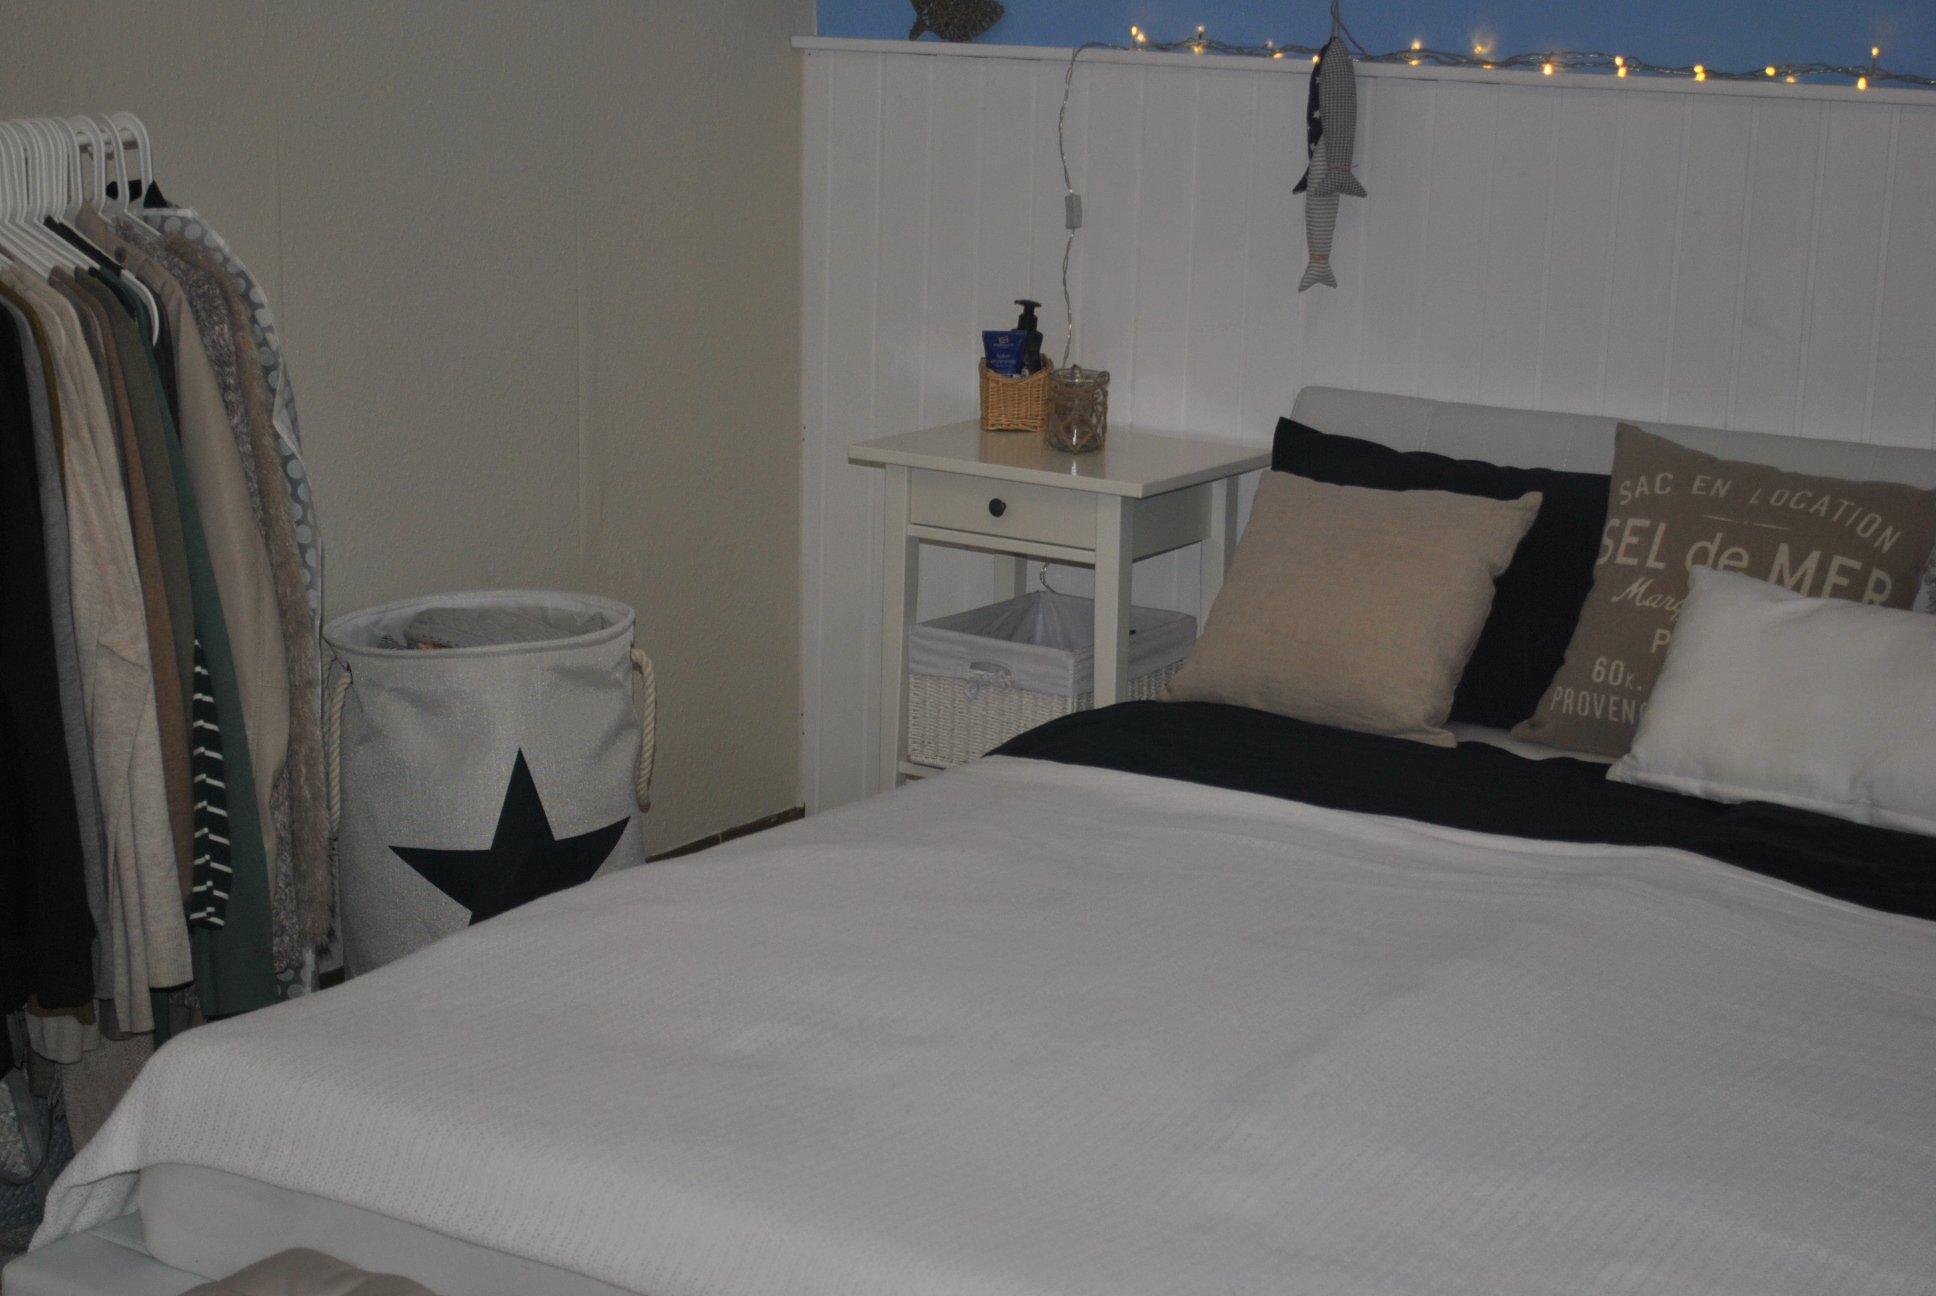 Schlafzimmer 'Mein Schlafzimmer' - Home Sweet Home ...